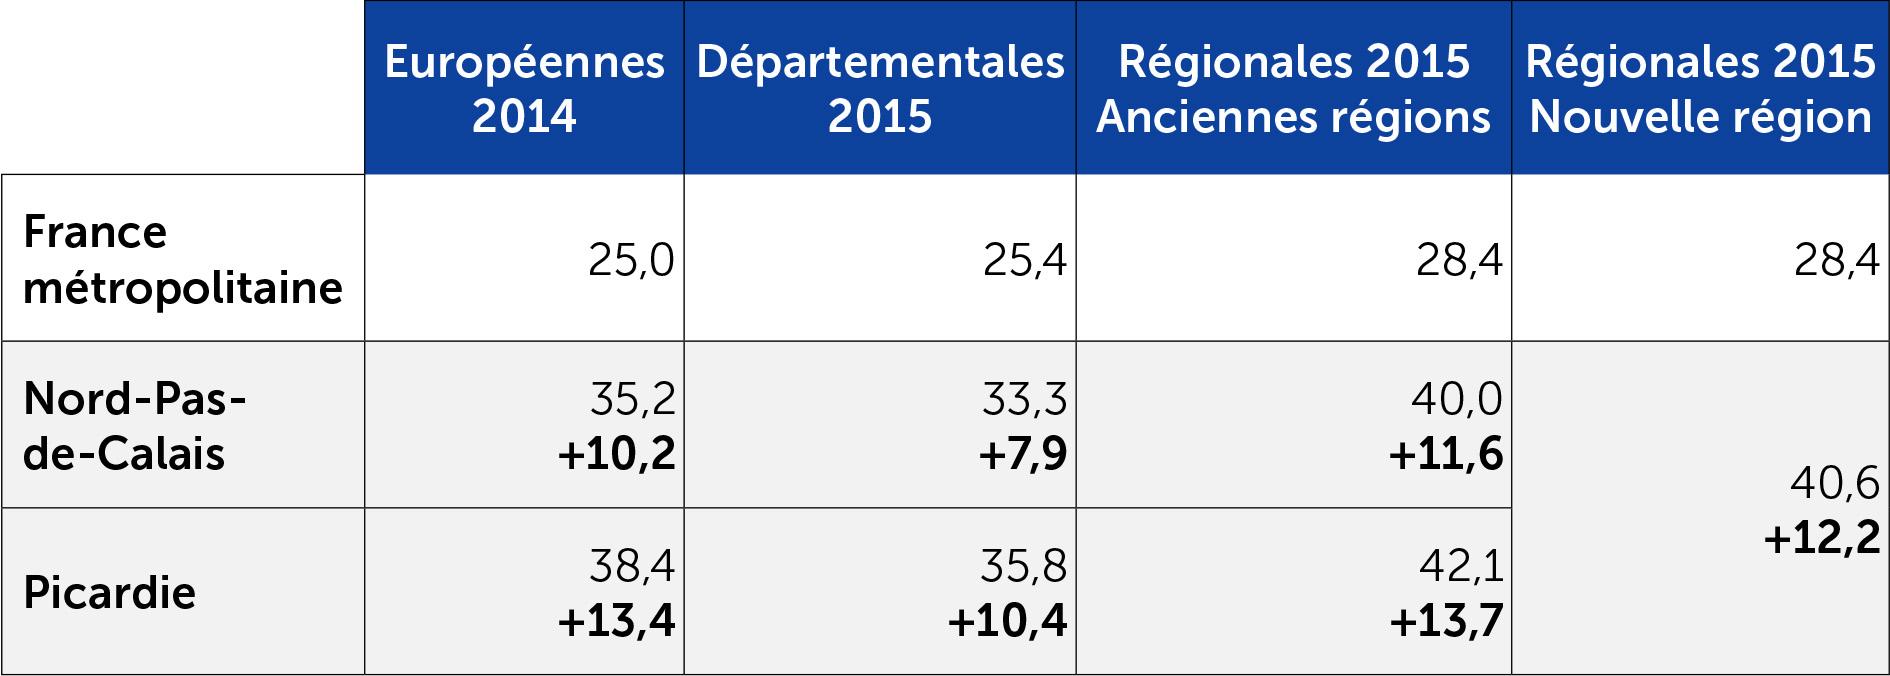 Le score du FN en Nord-Pas-de-Calais et Picardie au cours des dernières élections